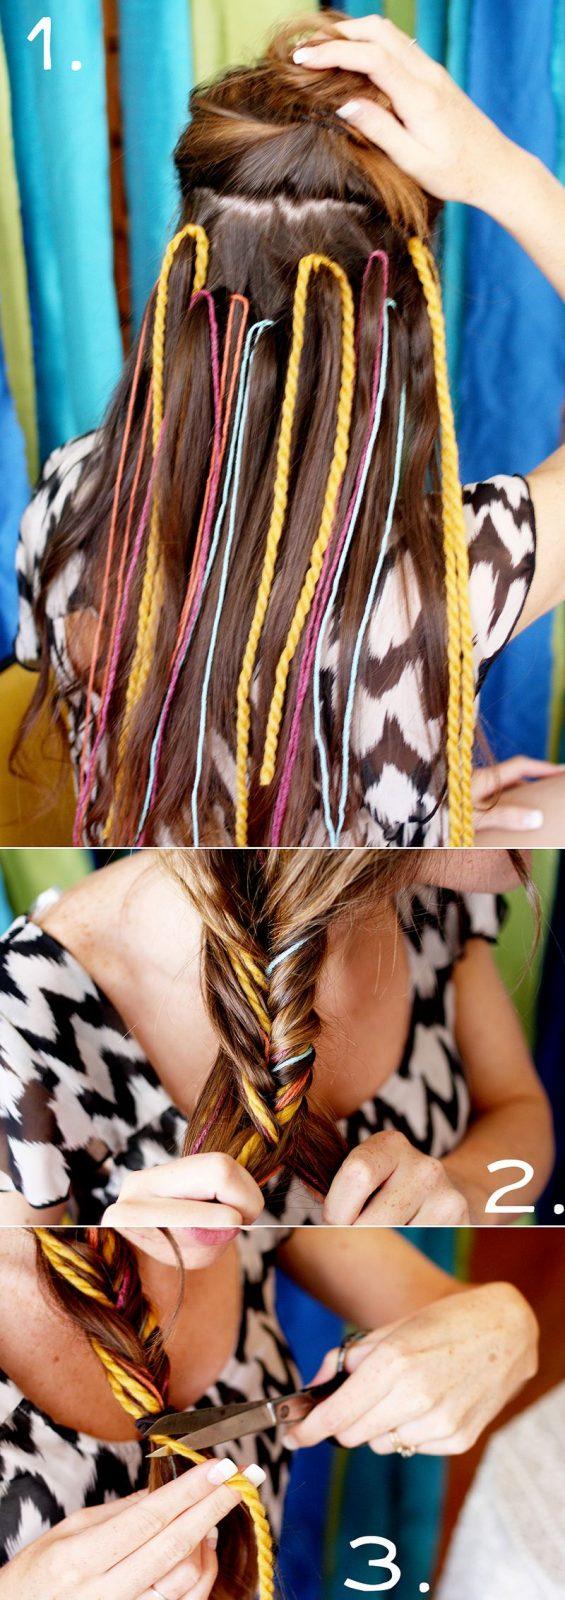 xu hướng tóc - hình 8